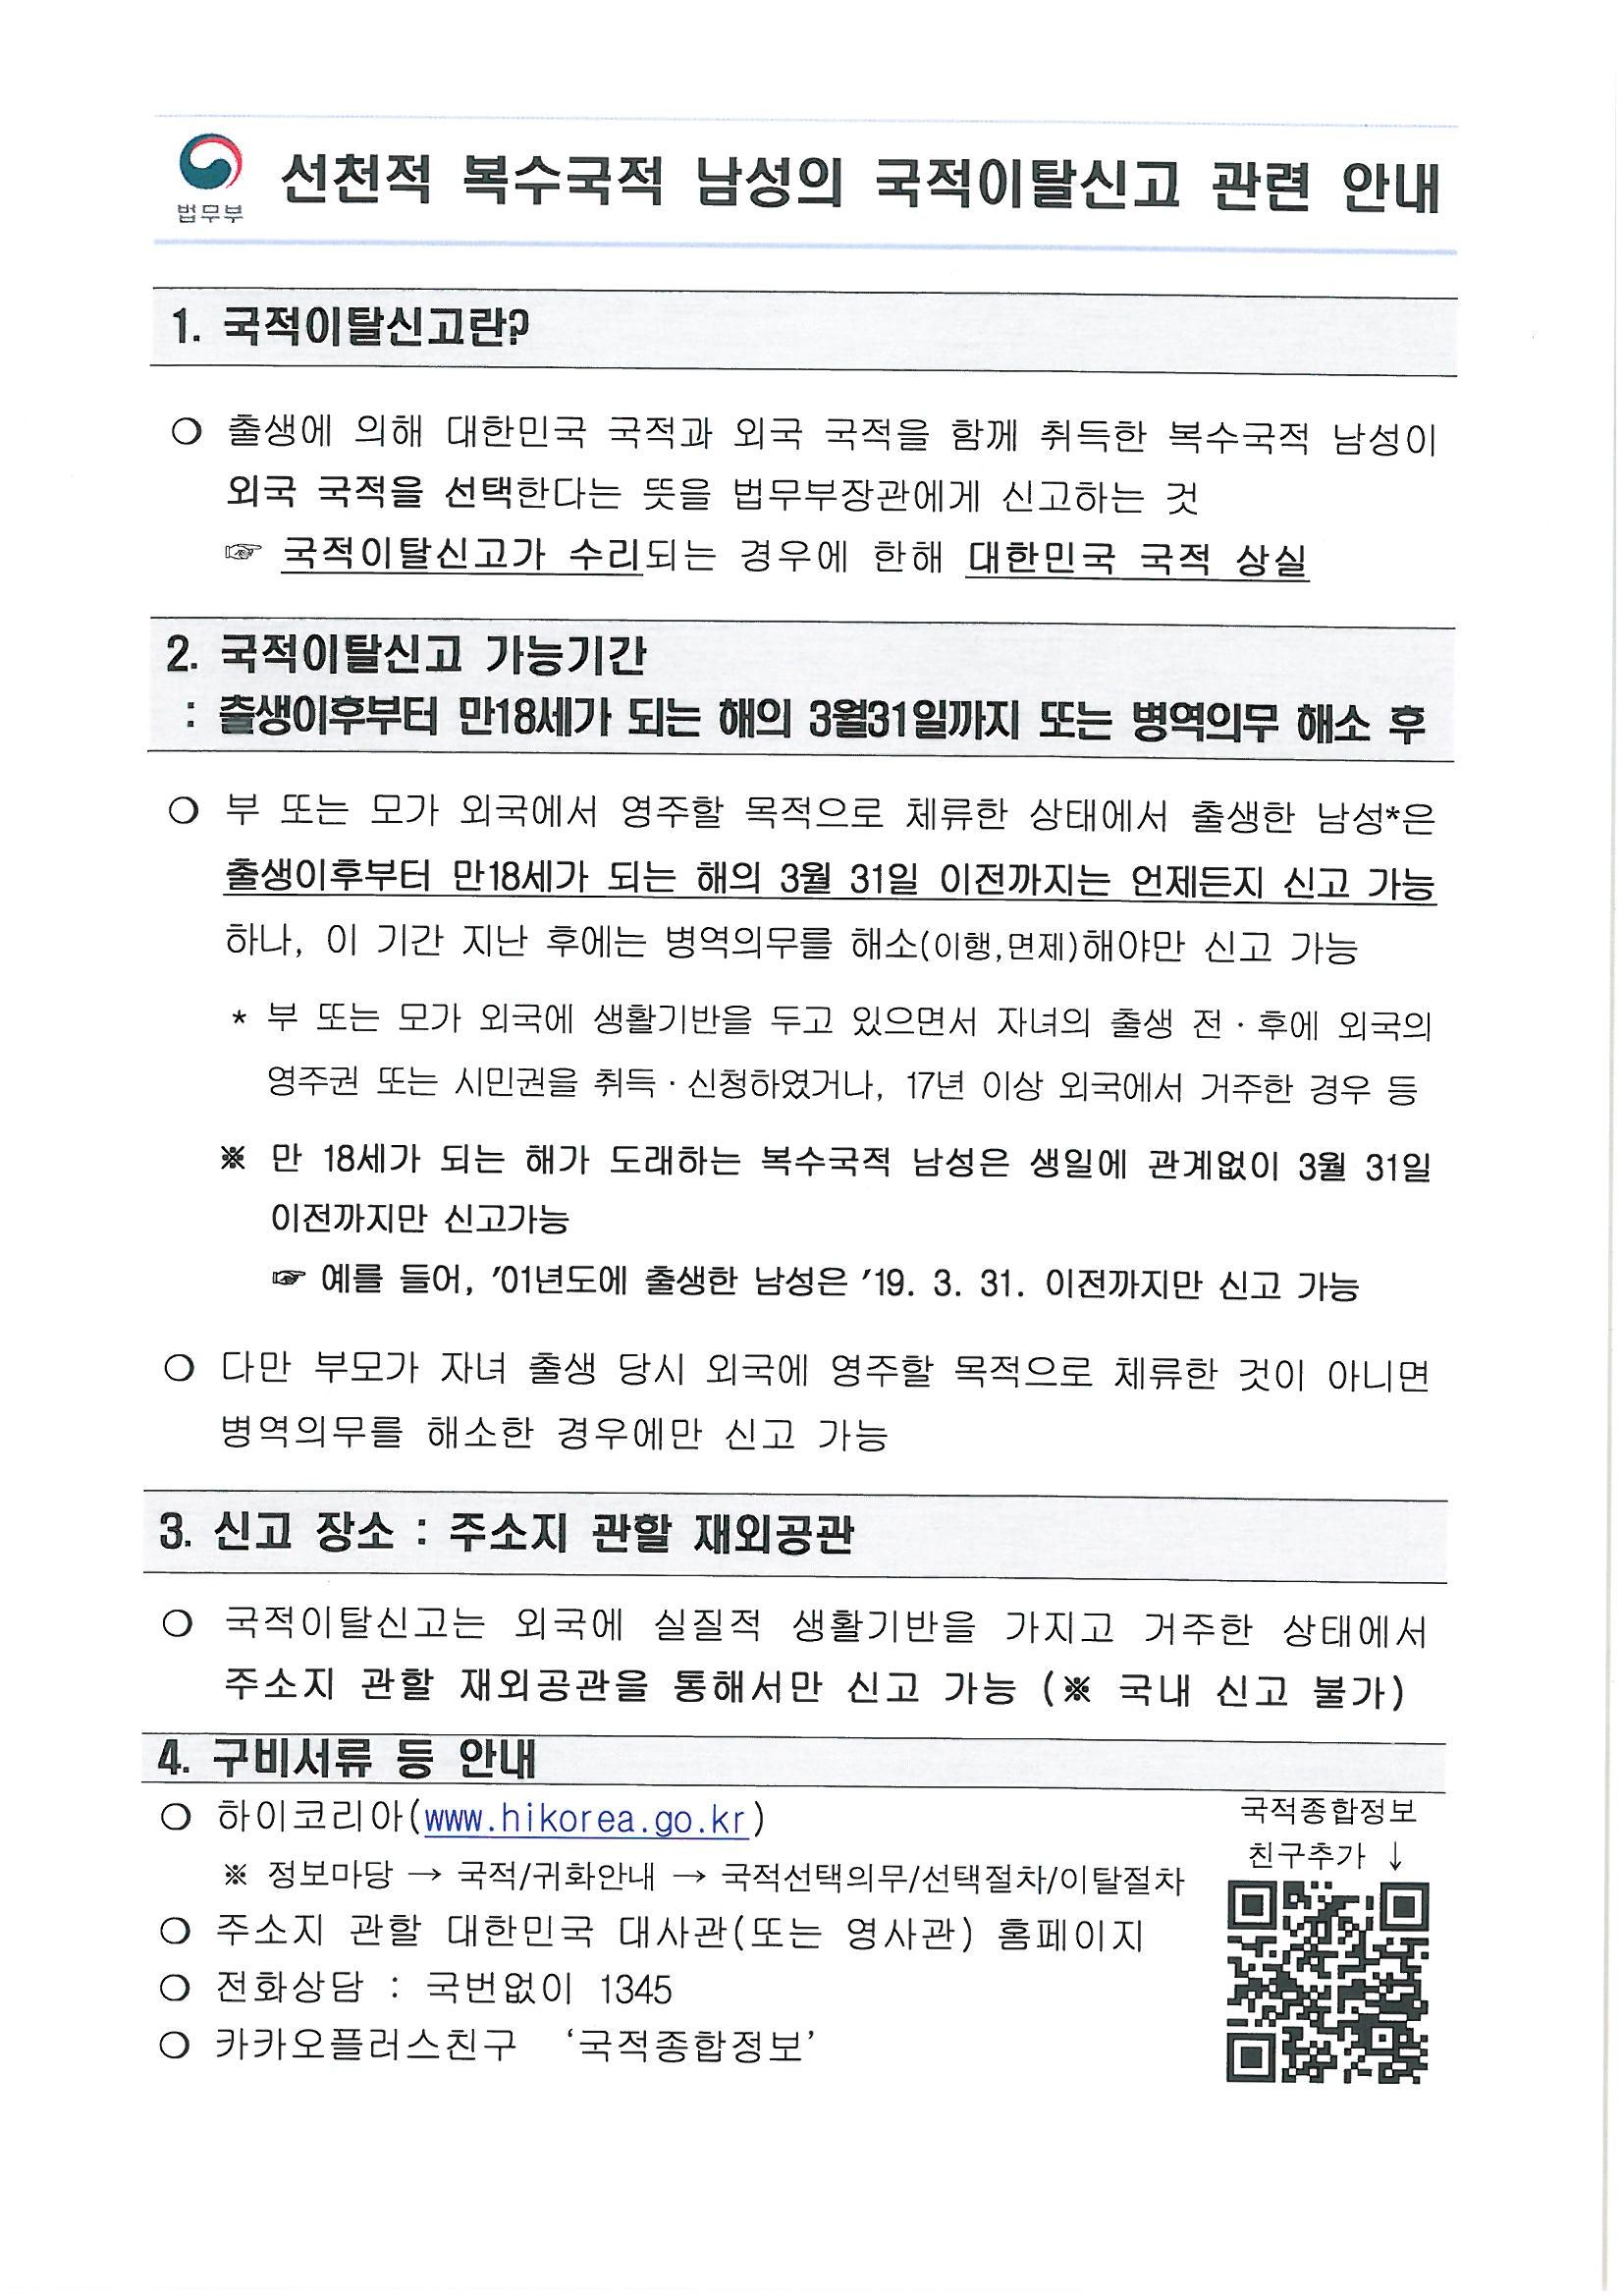 국적선택 홍보 자료(한인회장님)_페이지_04.jpg